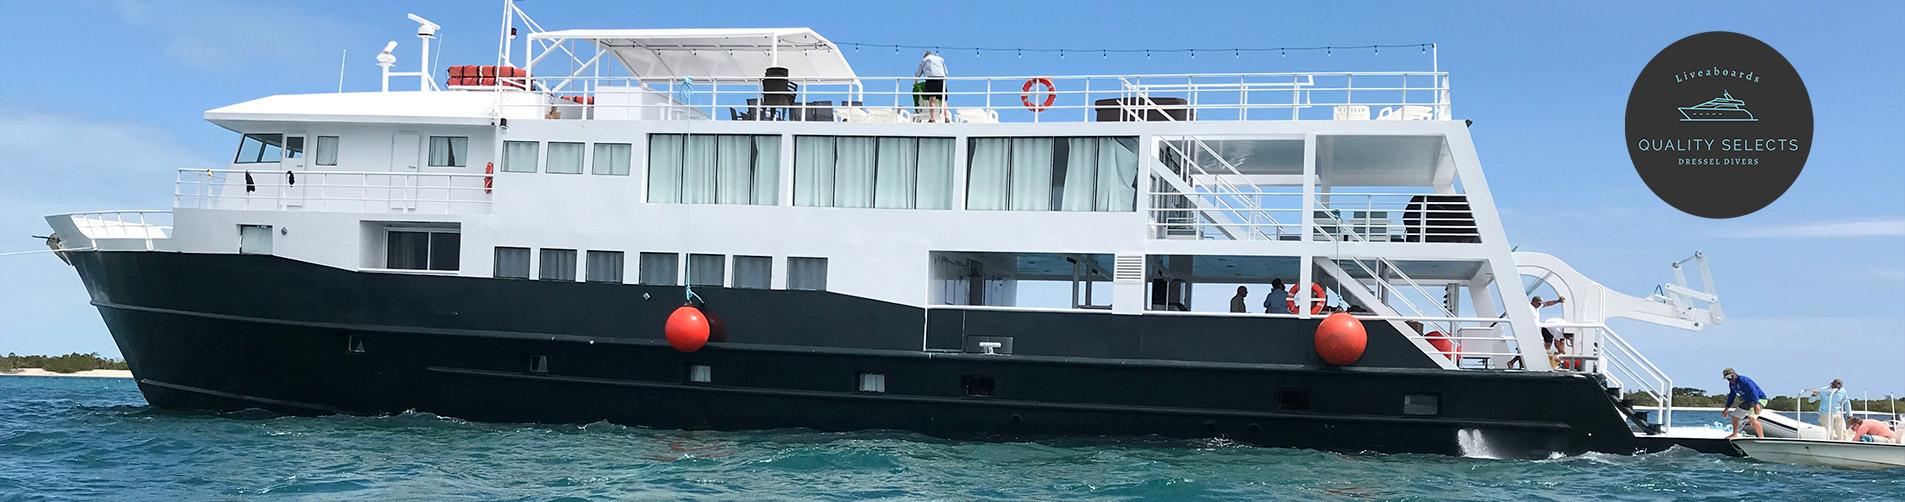 Cuba Liveaboard Diving - Vessel